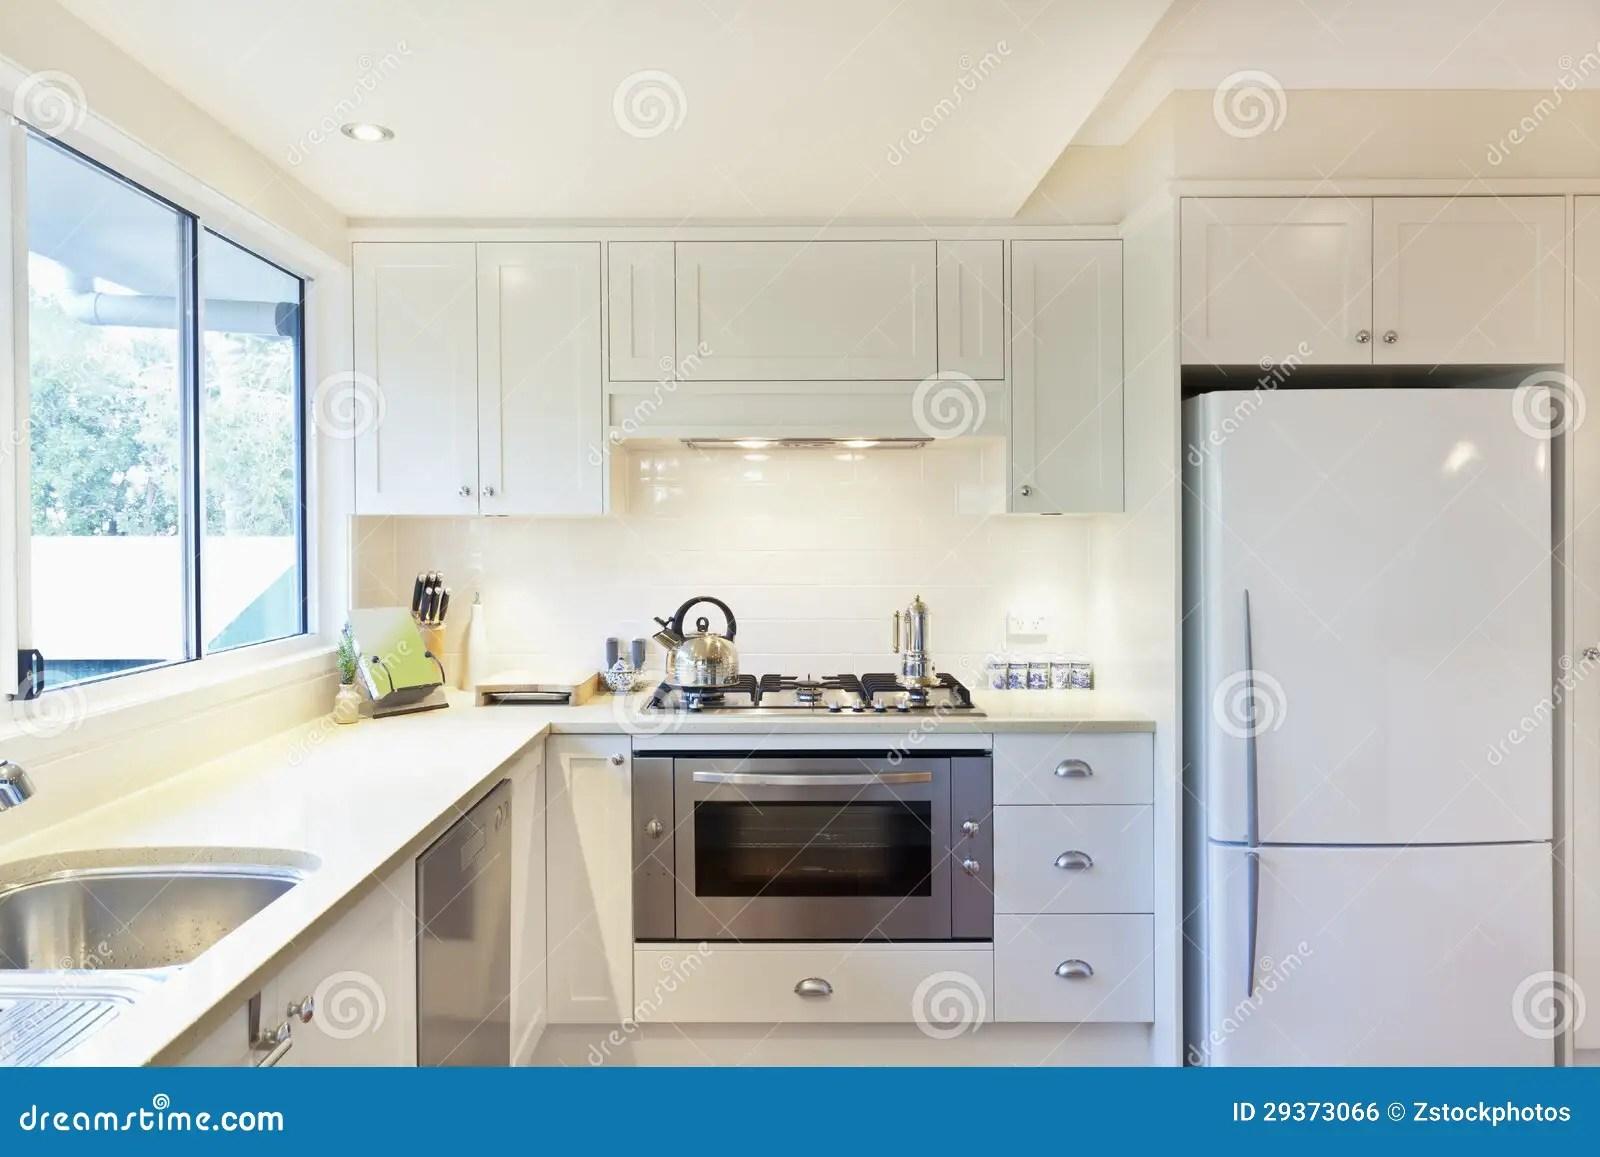 kitchen showrooms modern cabinets 现代厨房库存照片 图片包括有陈列室 没人 灌肠器 国内 敞篷 冰箱 现代厨房